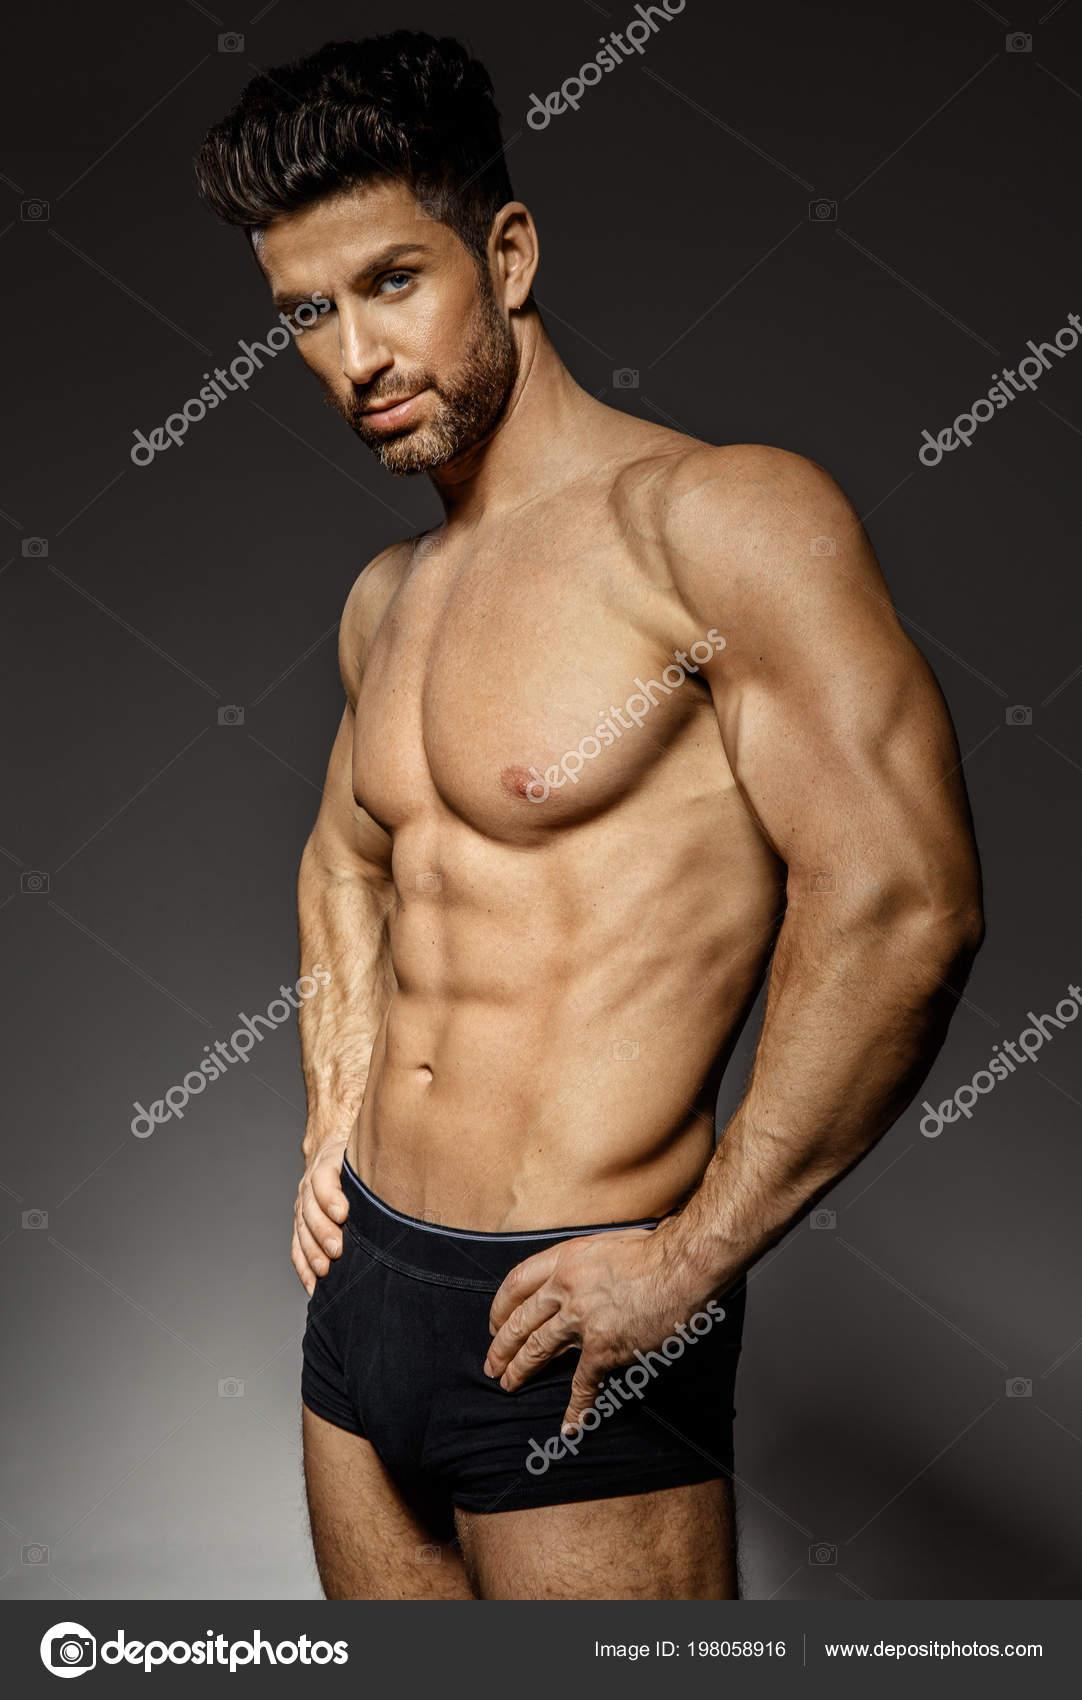 Сексуальные модели мужчины